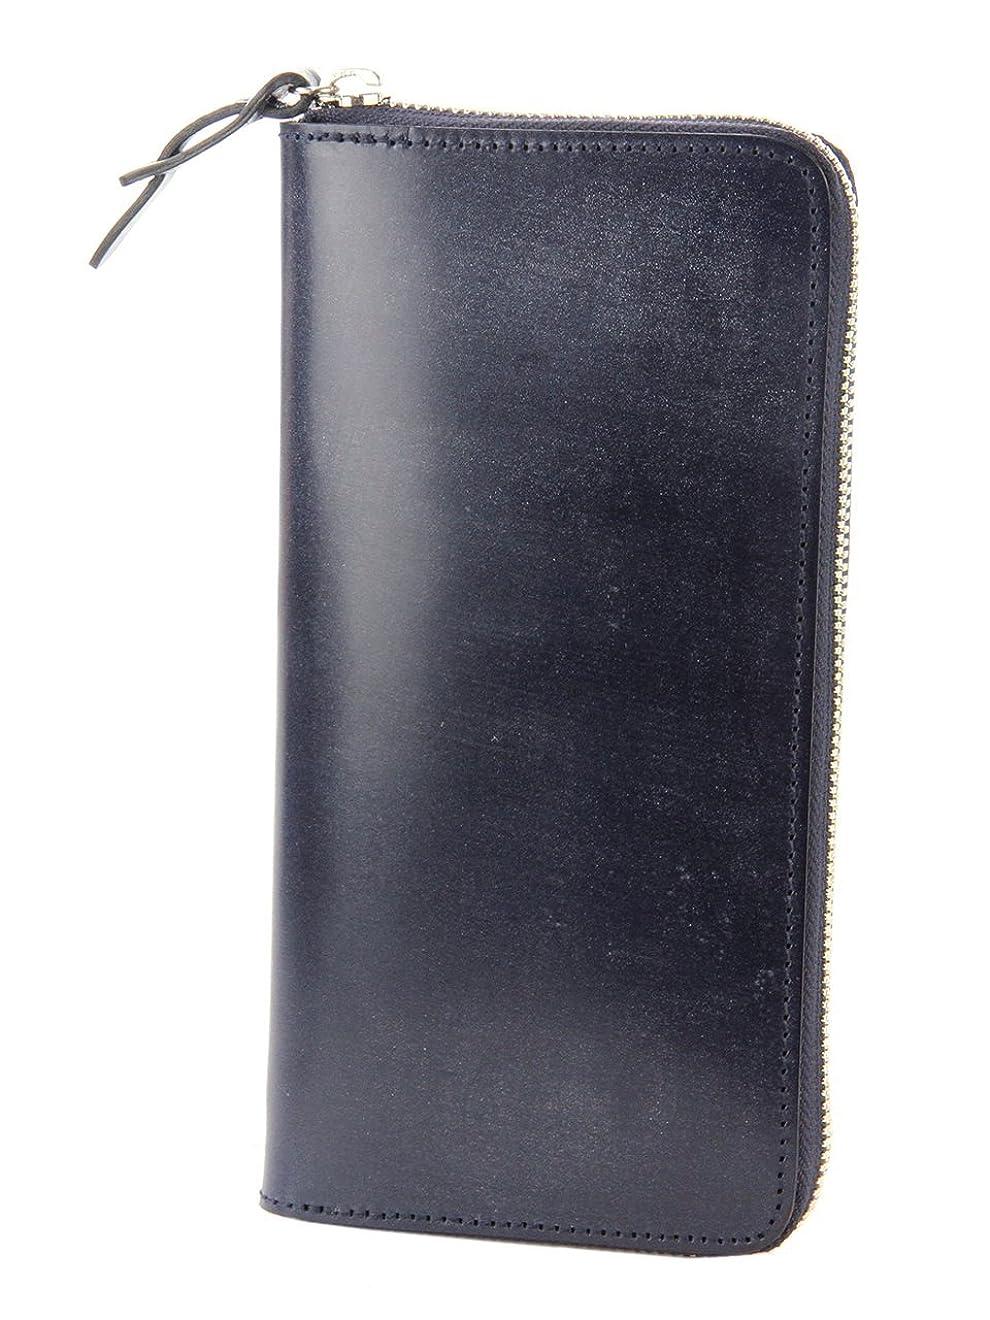 聡明とても多くの背の高いフェイス ブライドルレザー 長財布 ラウンドファスナー式 CO-1LD-0237